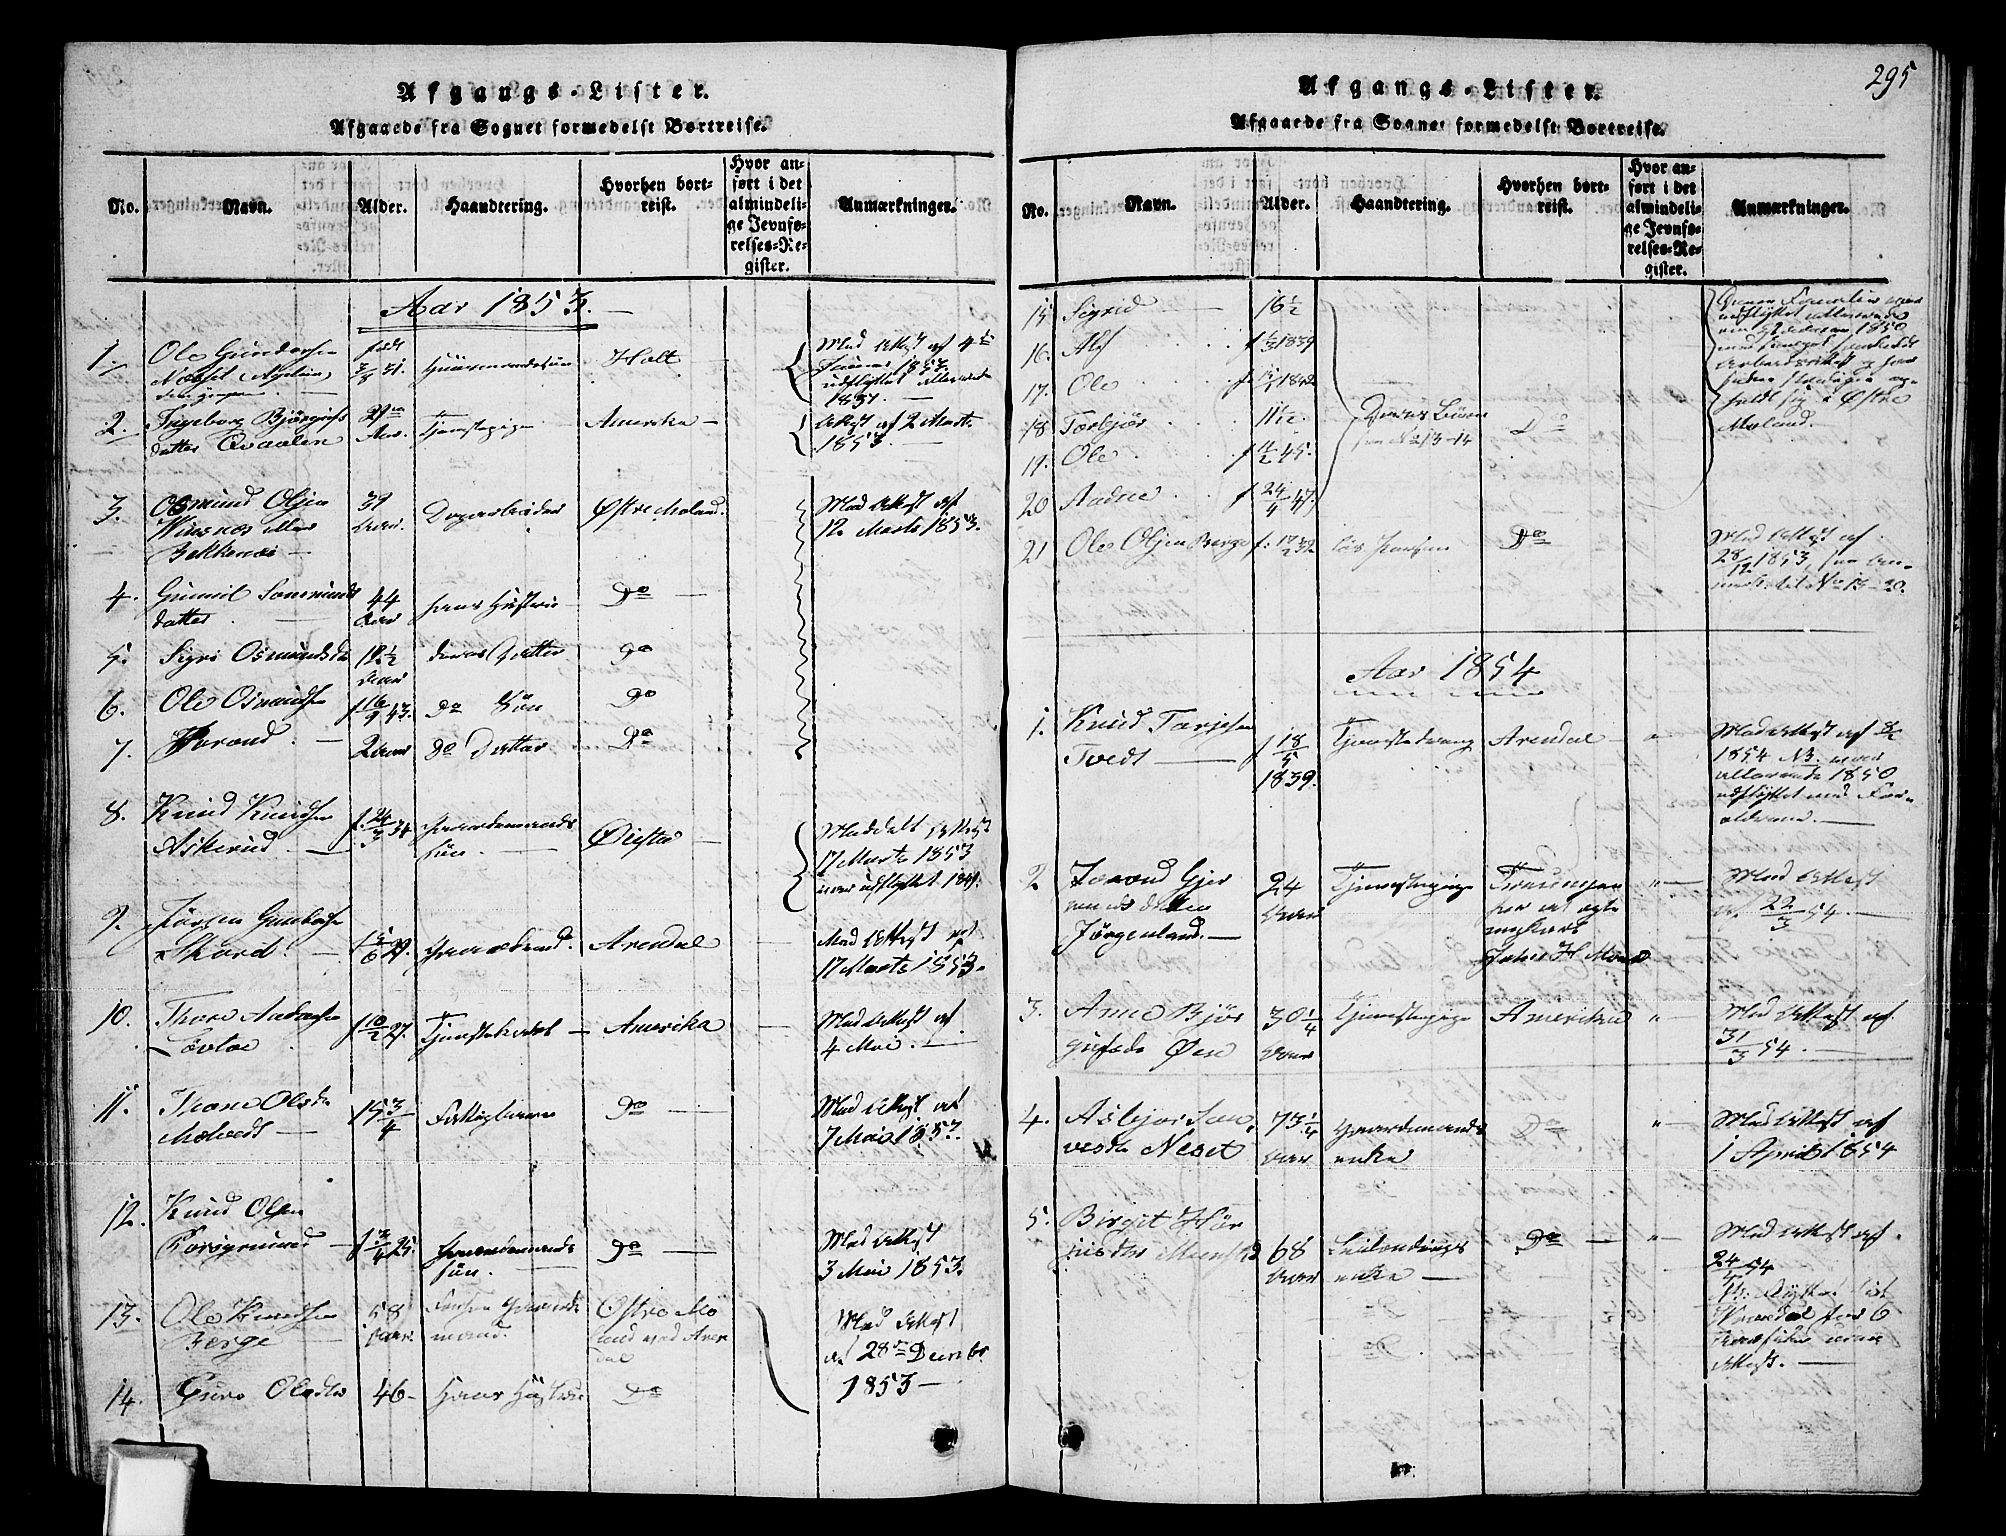 SAKO, Fyresdal kirkebøker, G/Ga/L0002: Klokkerbok nr. I 2, 1815-1857, s. 295